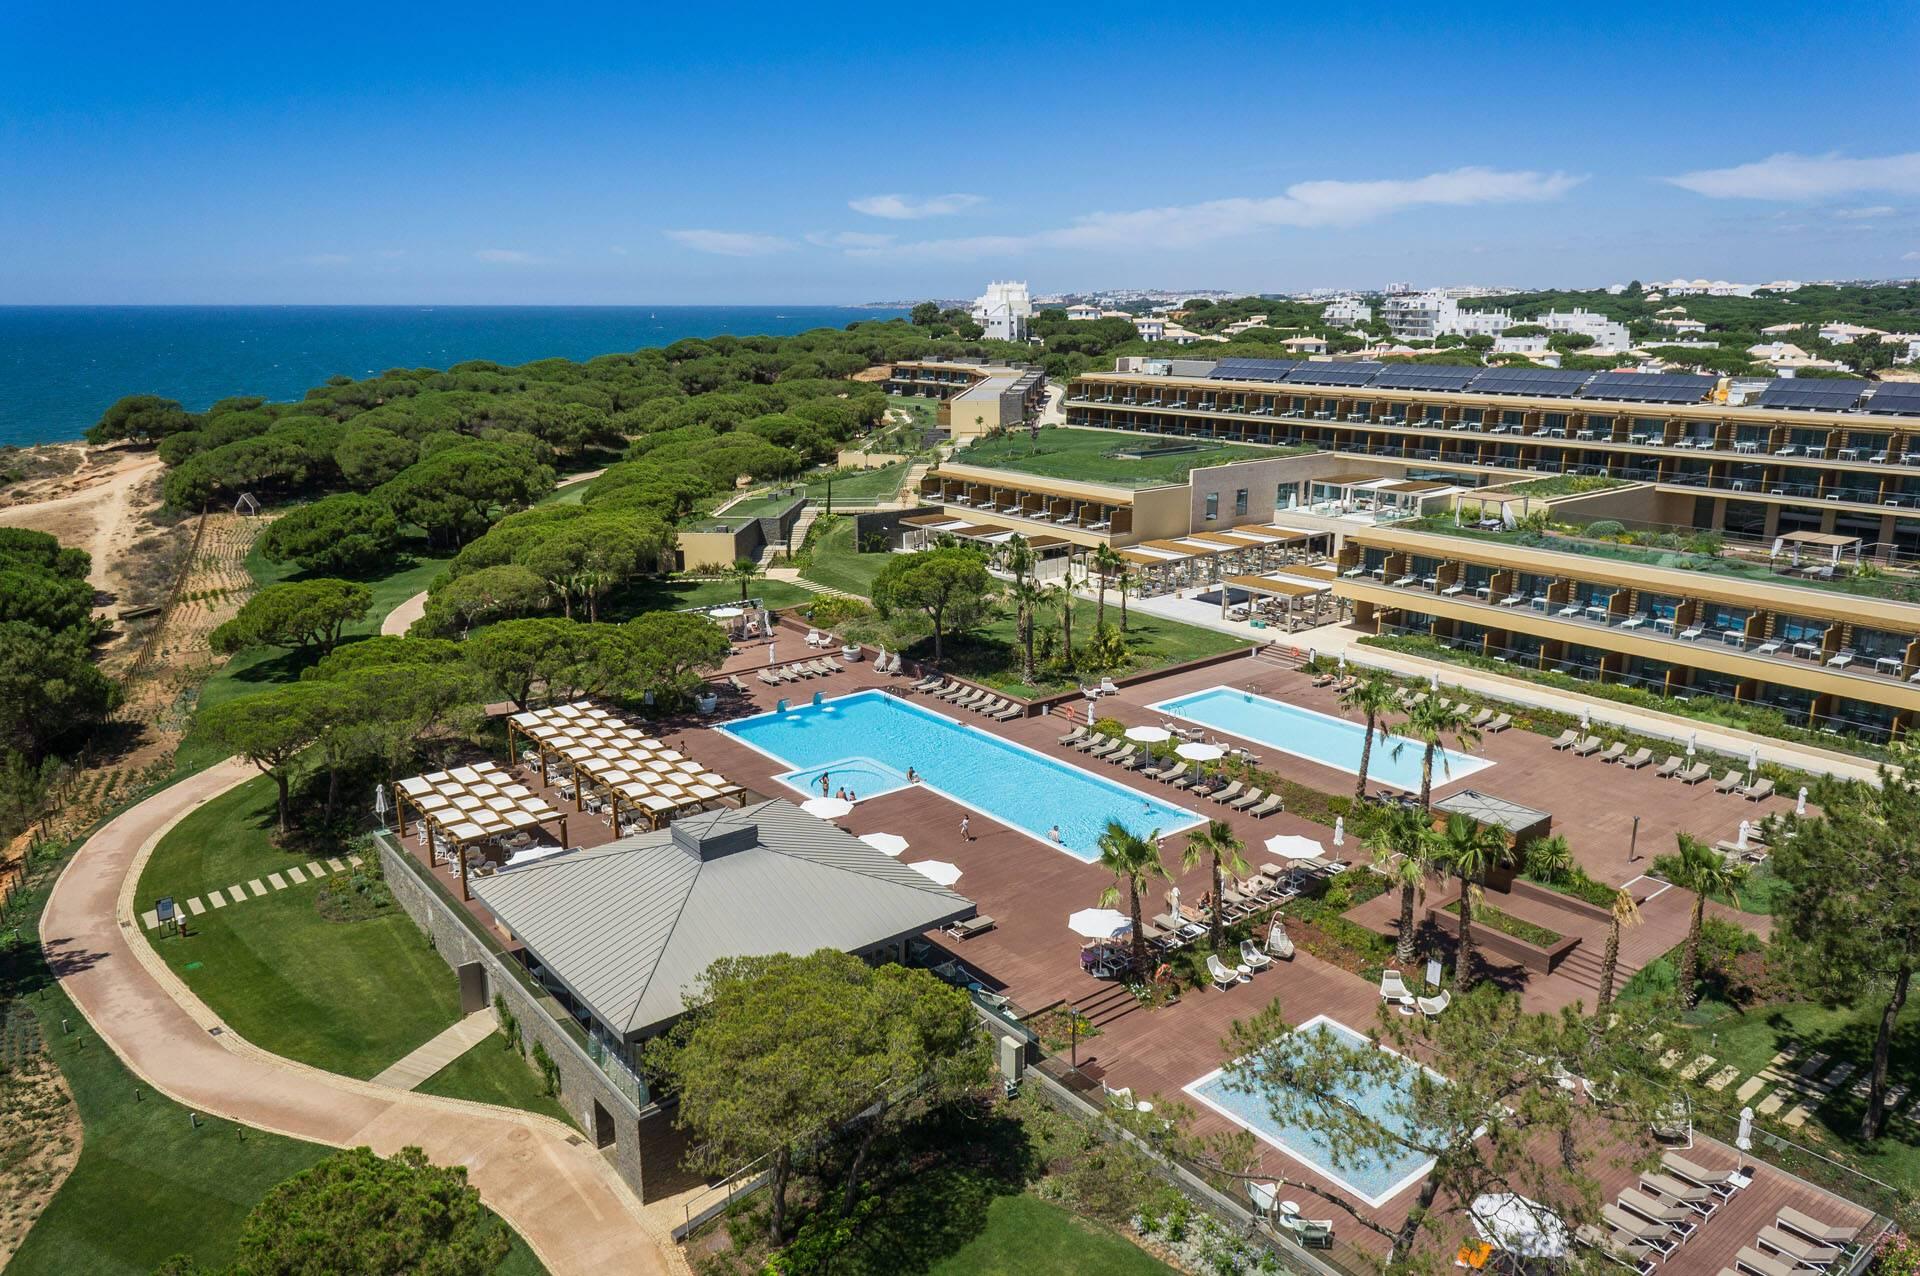 Epic Sana Algarve Portugal vue